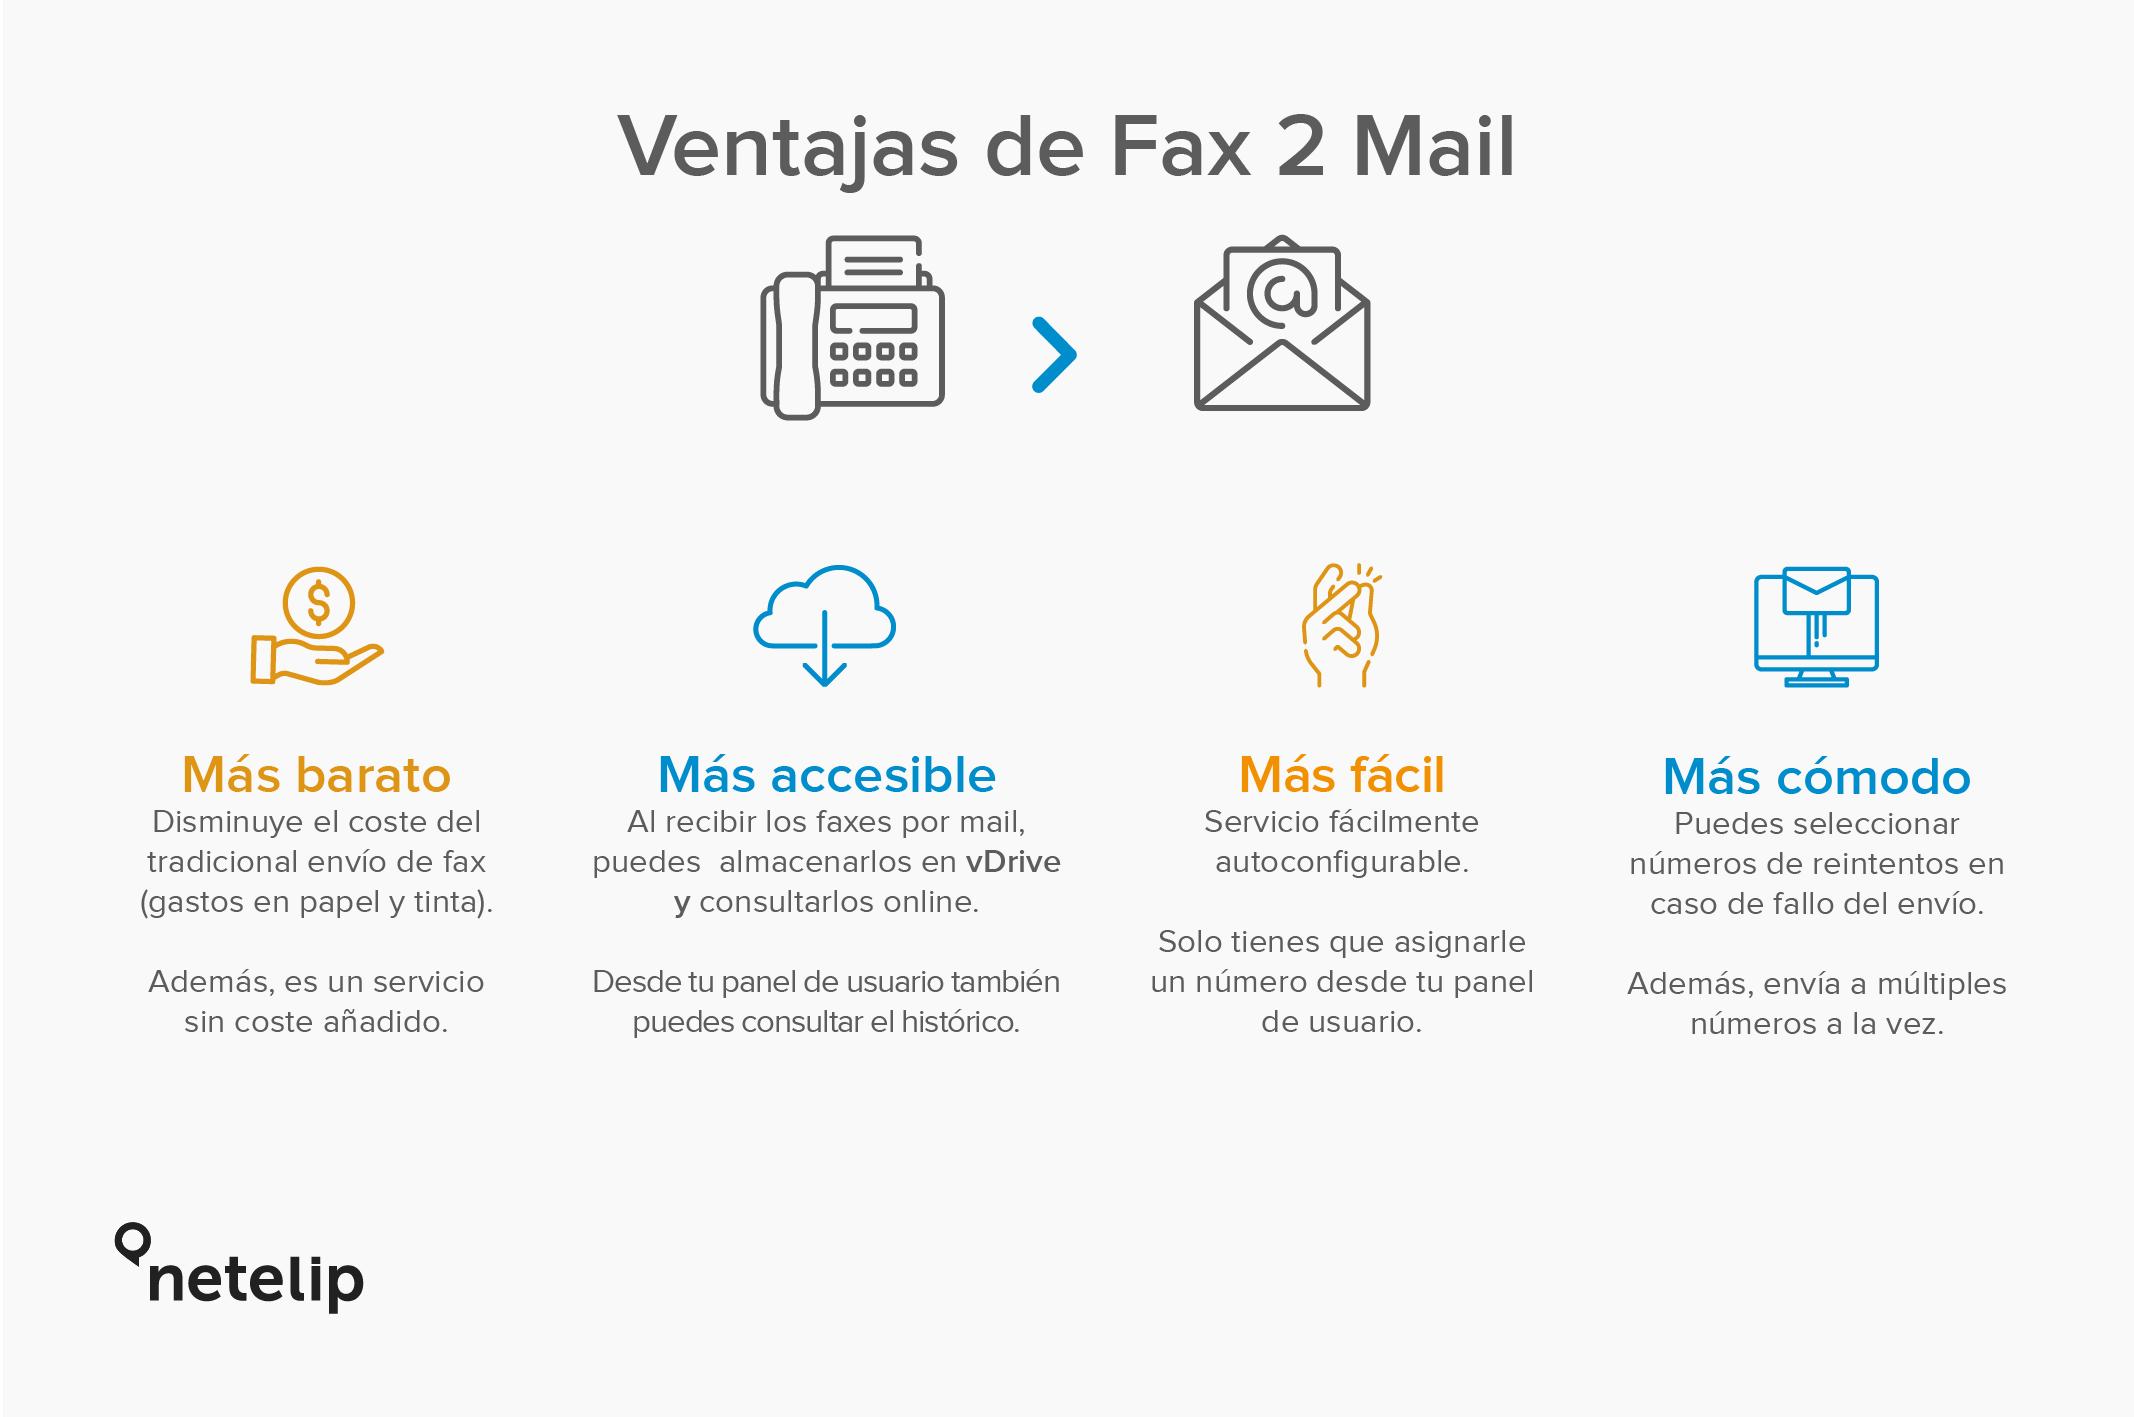 Las ventajas de Fax 2 Mail con netelip